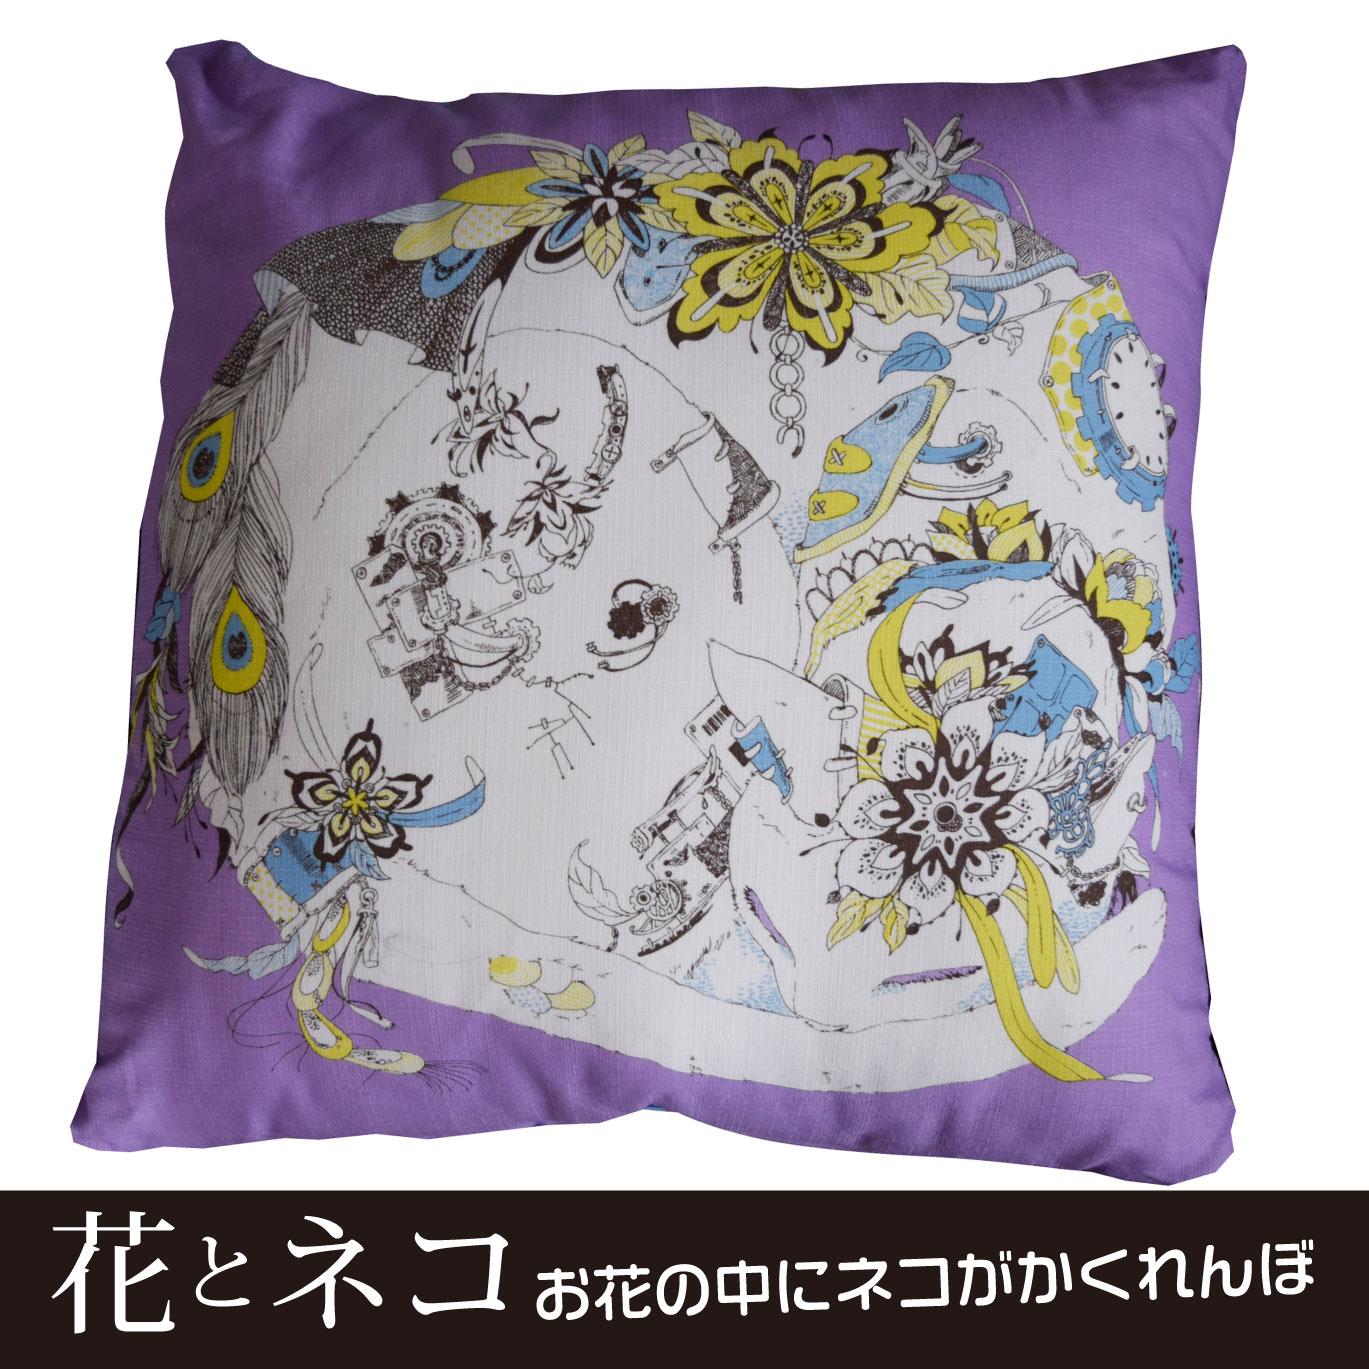 花とネコ クッション画*umidoodle*